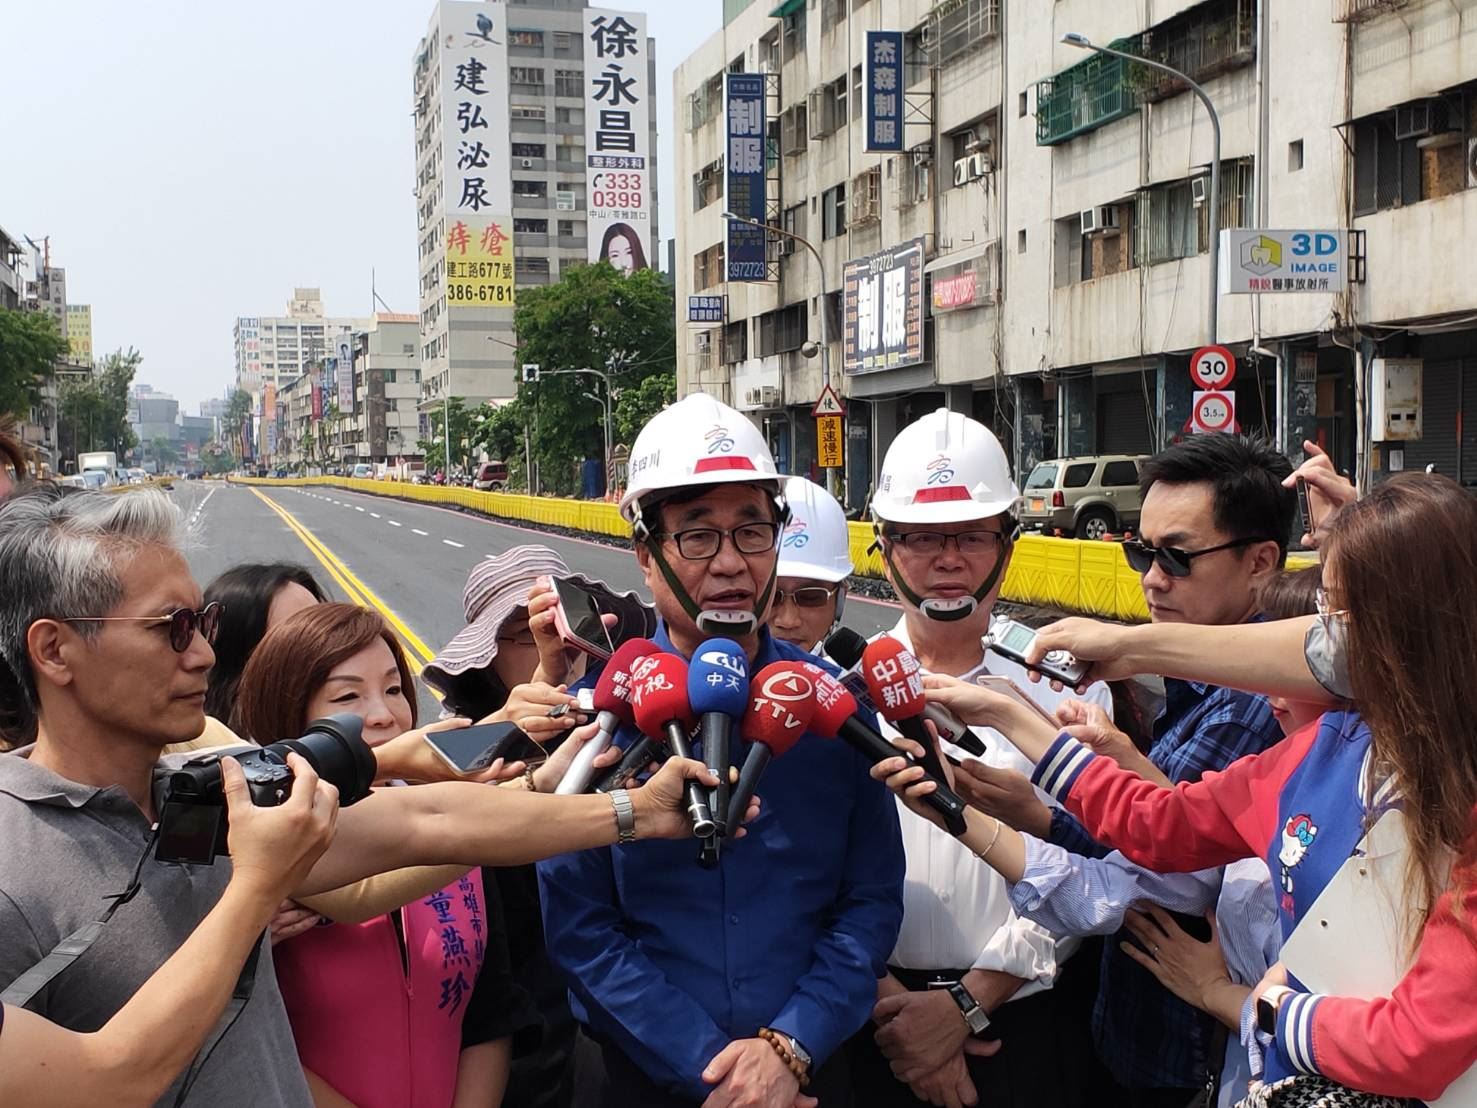 李副市長今日上午至大順路巡視並宣布11時開放中間車道.jpg